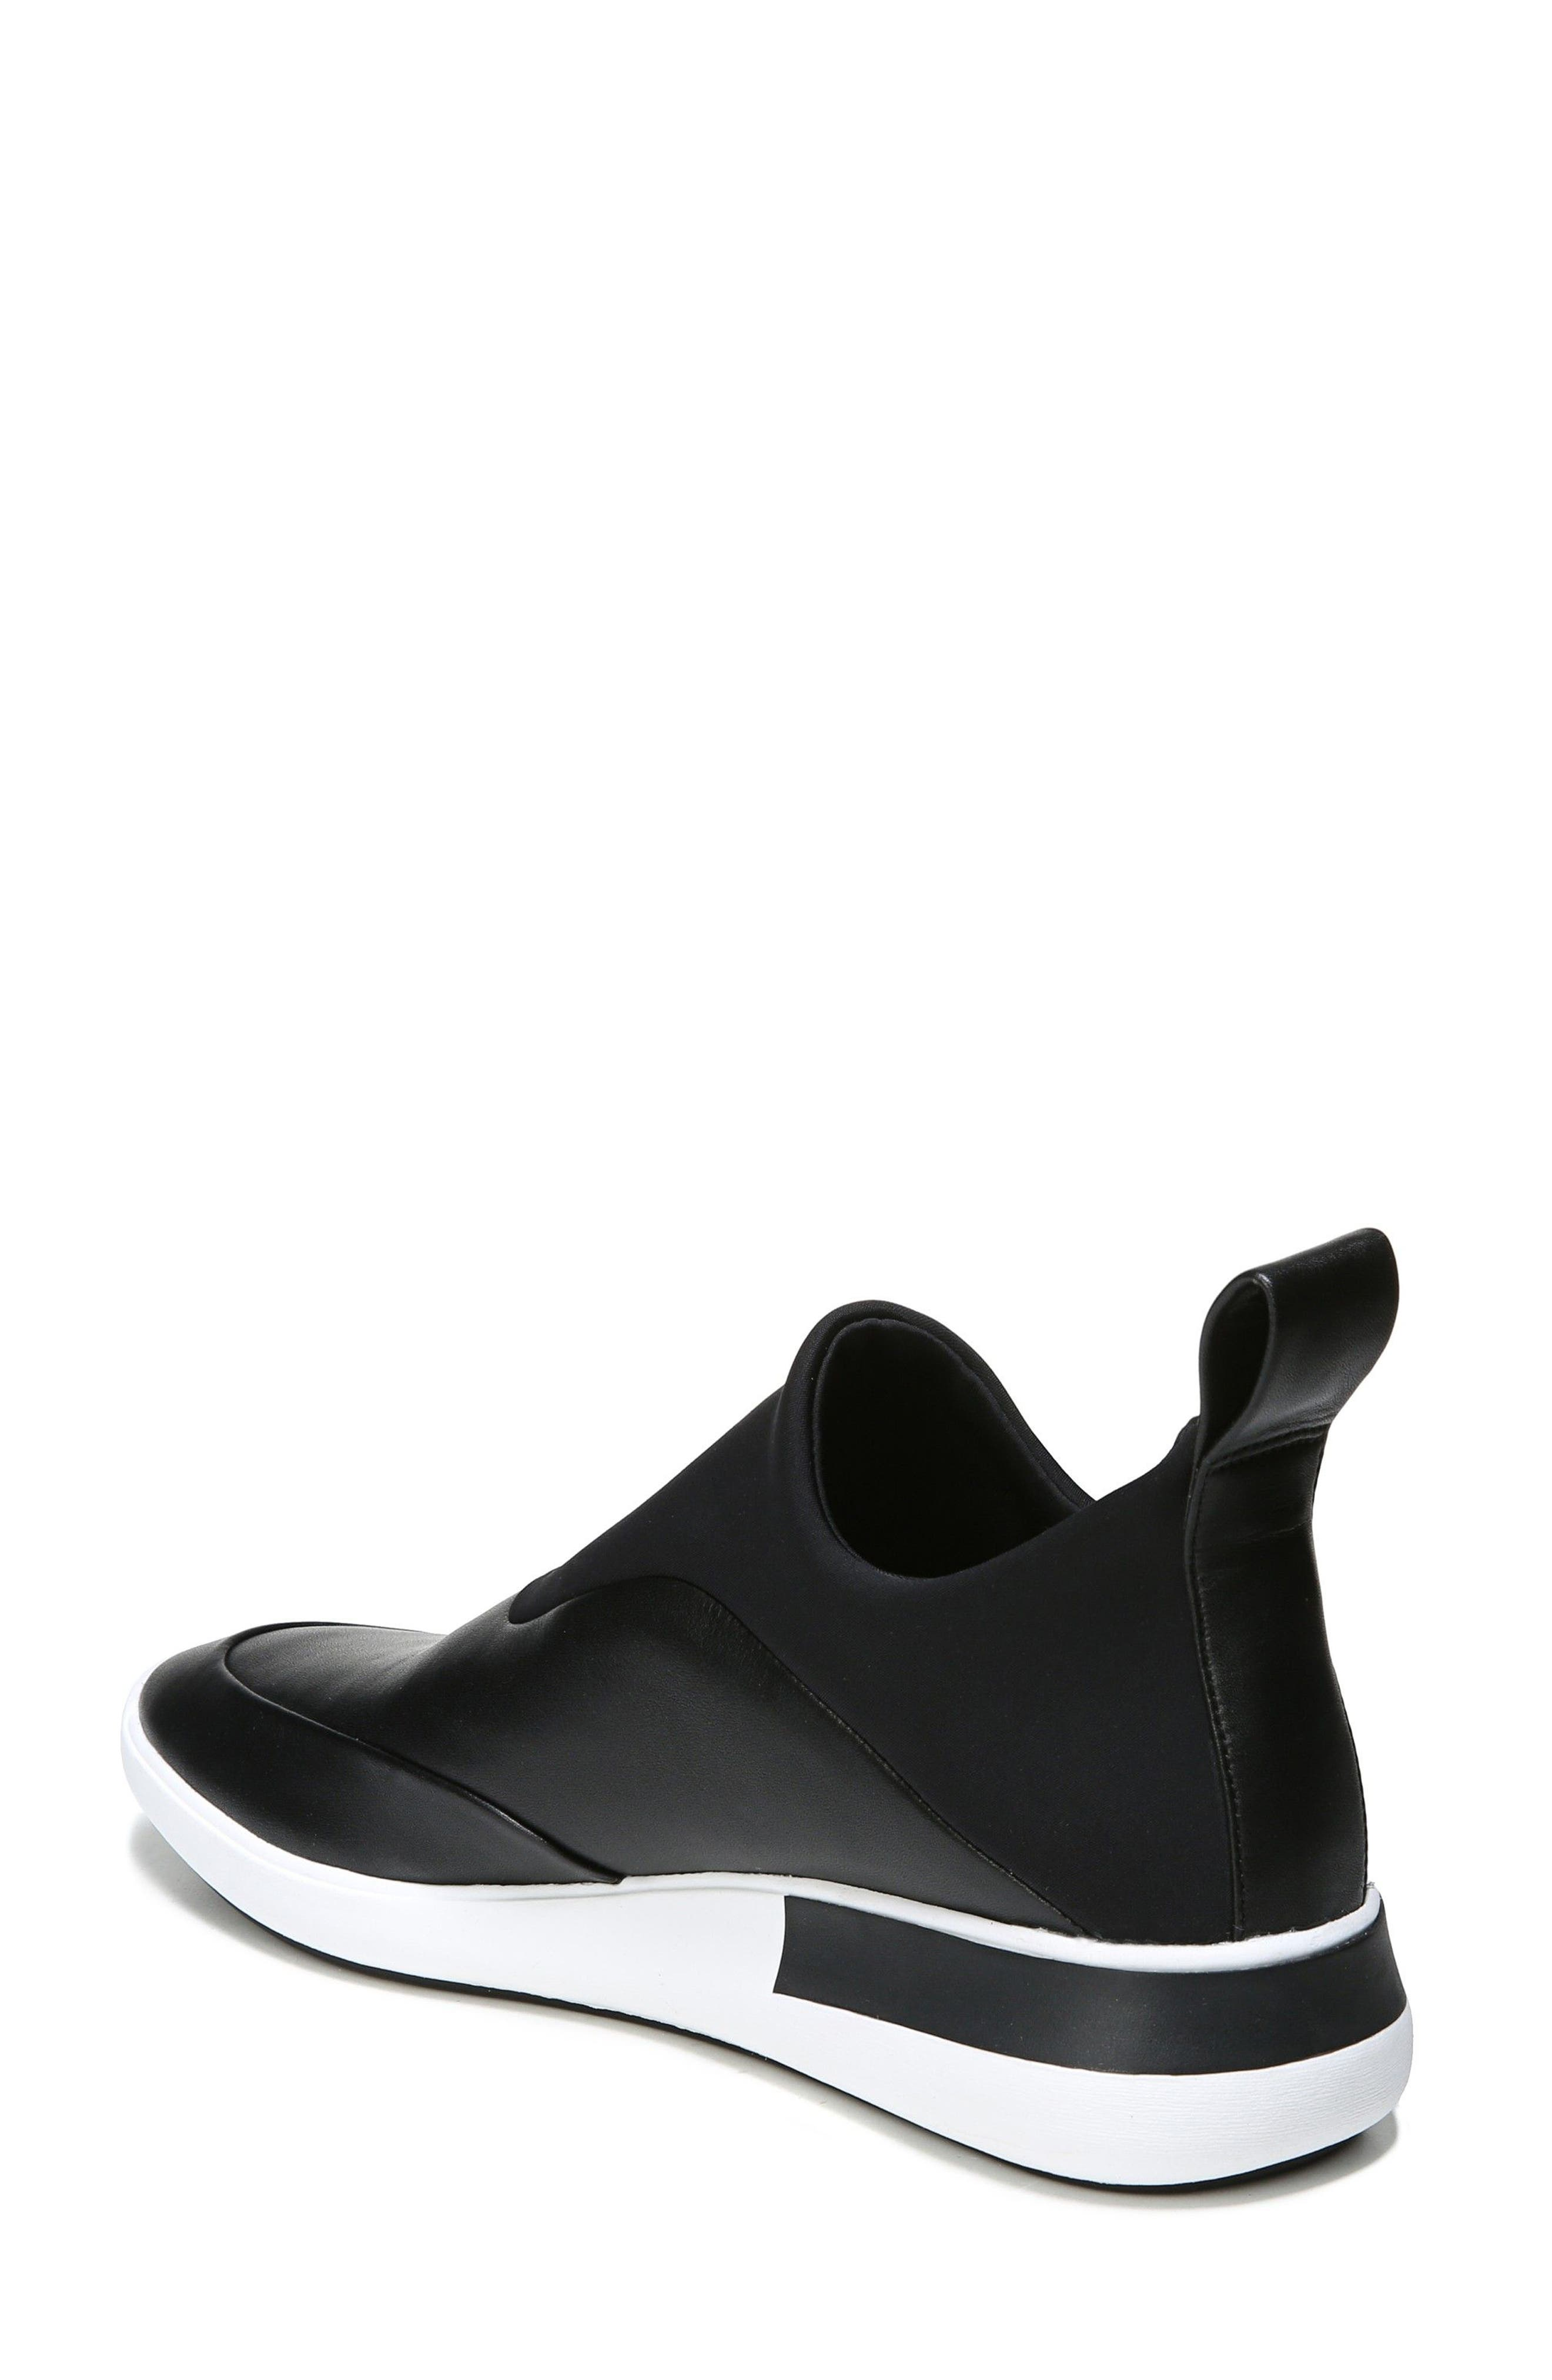 Mercer Slip-On Sneaker,                             Alternate thumbnail 2, color,                             Black Leather